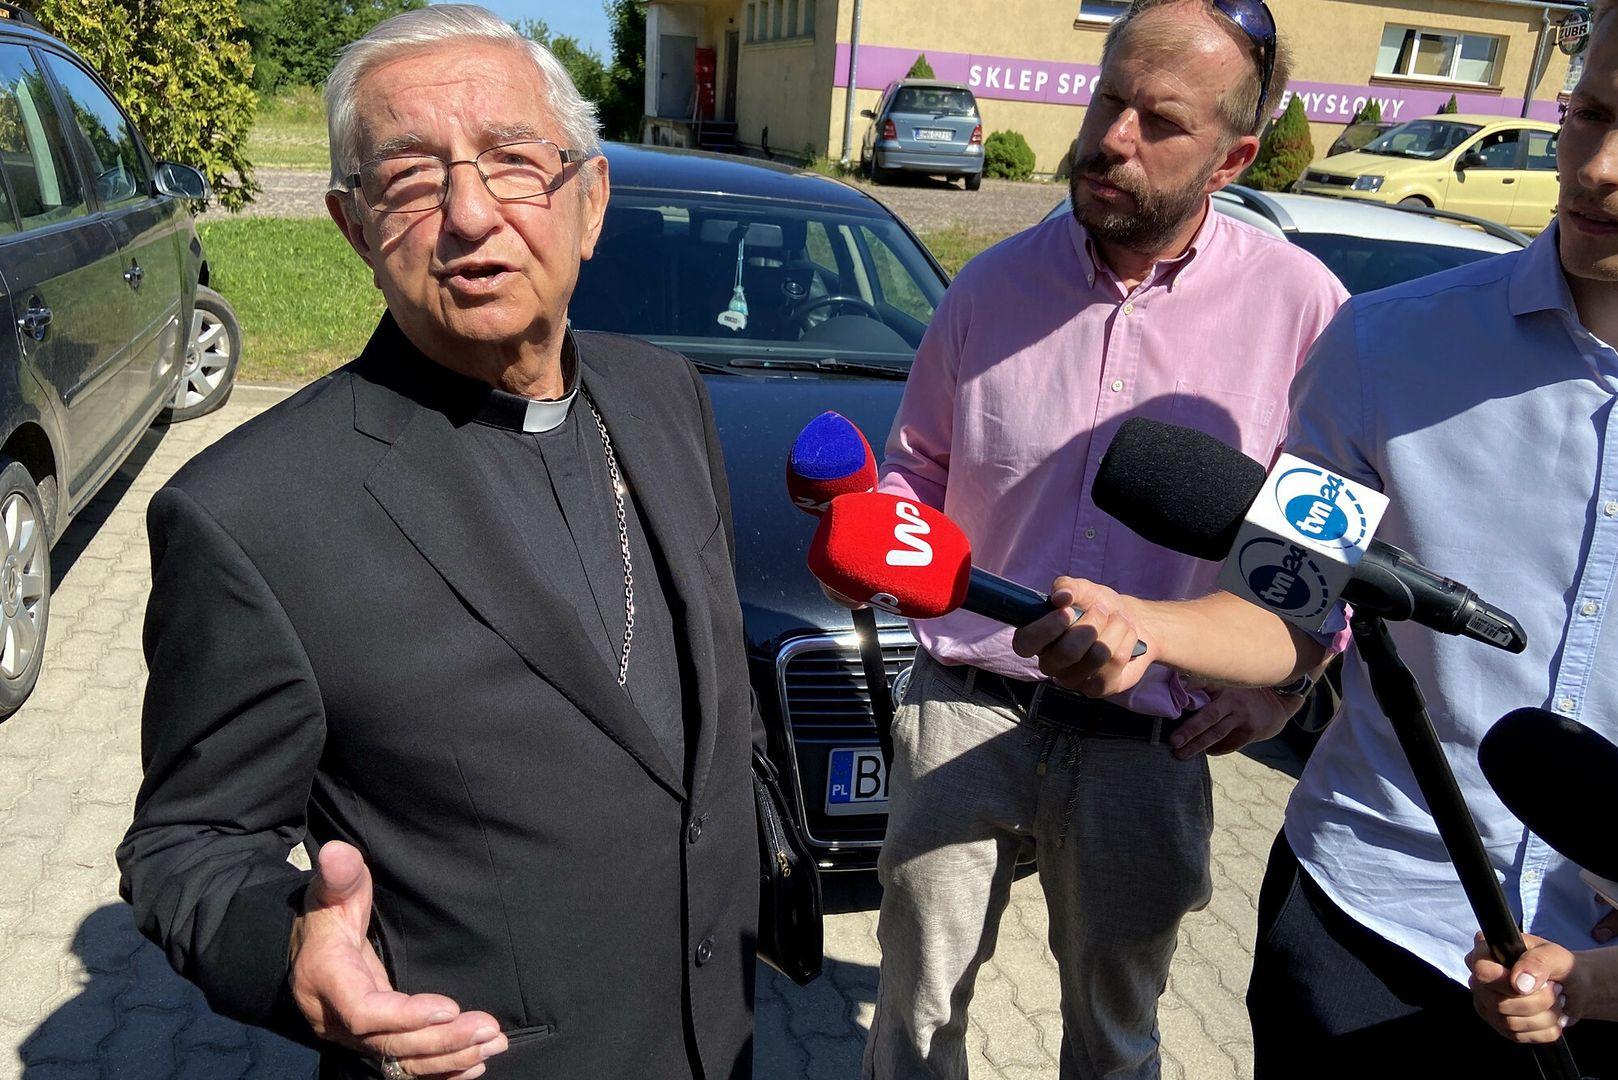 Emerytowany arcybiskup, obecnie sołtys Sławoj Leszek Głódź